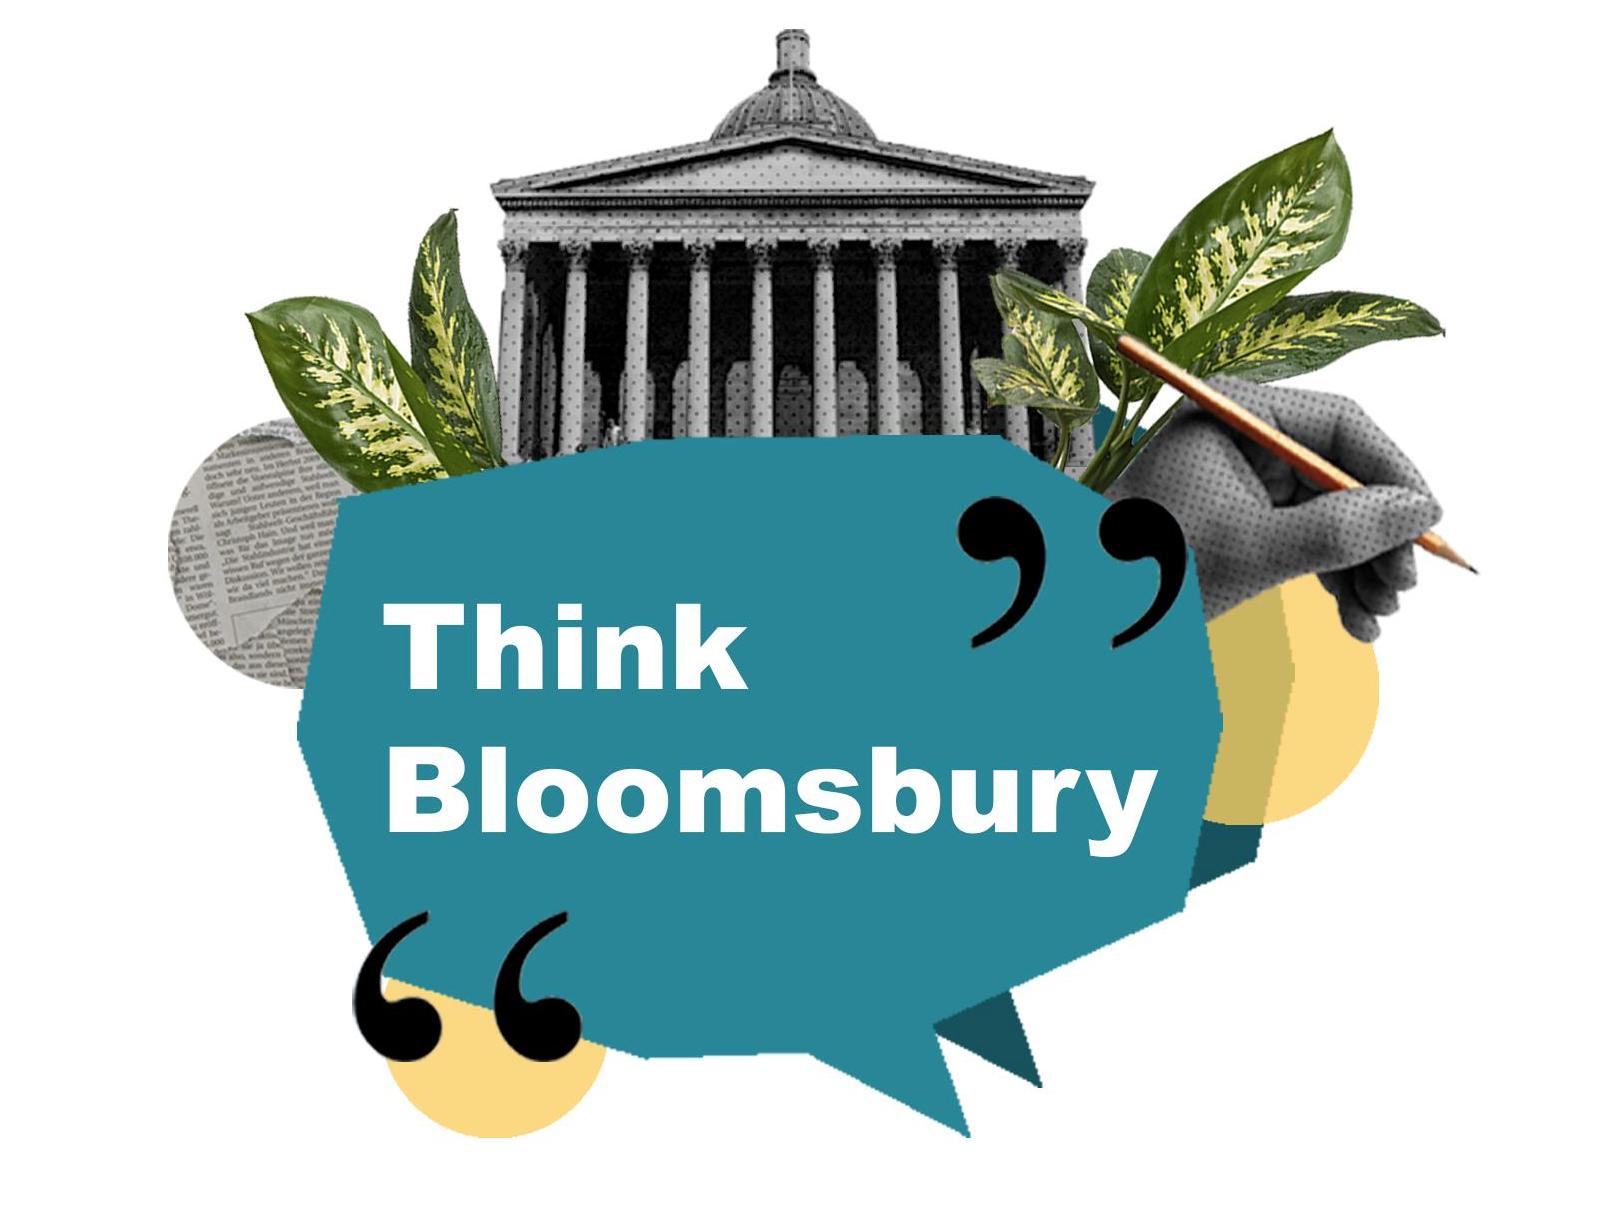 Think Bloomsbury